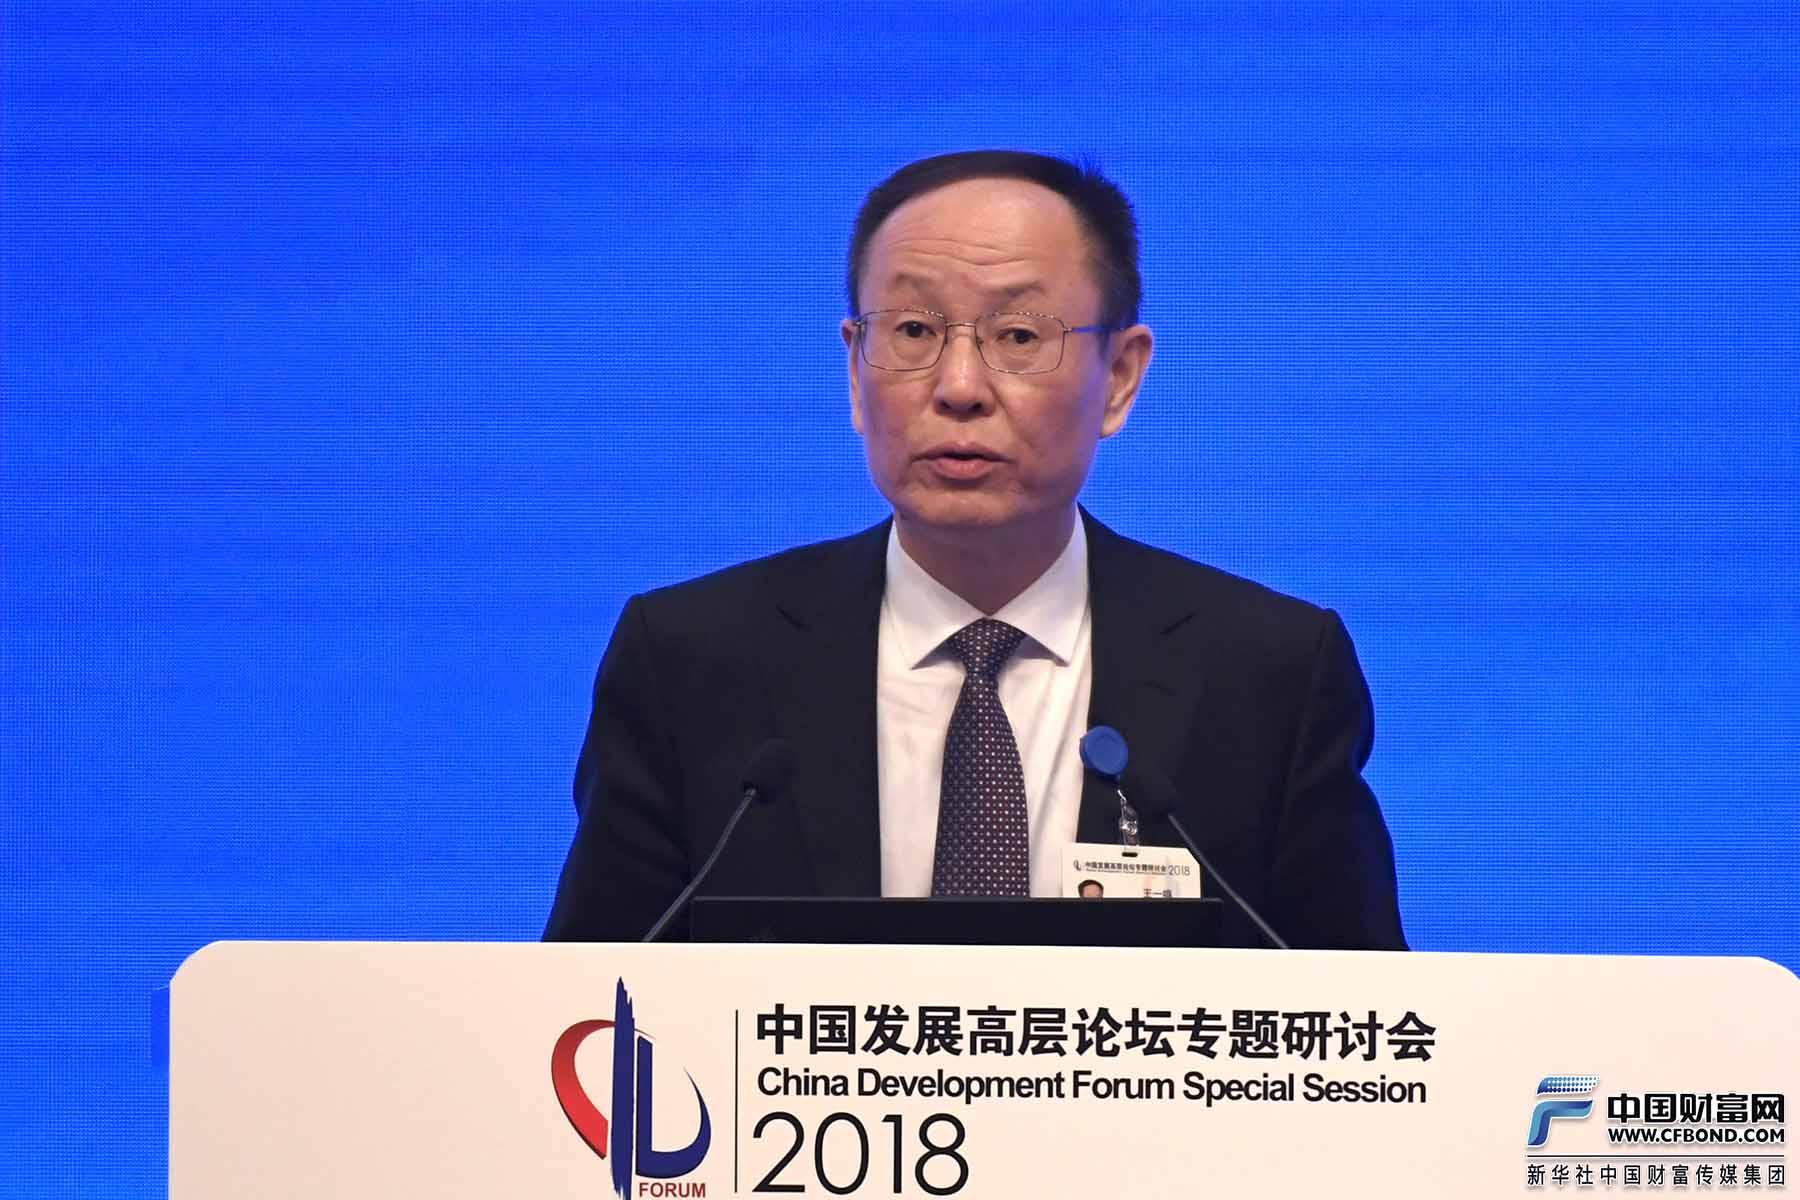 国务院发展研究中心副主任王一鸣发言